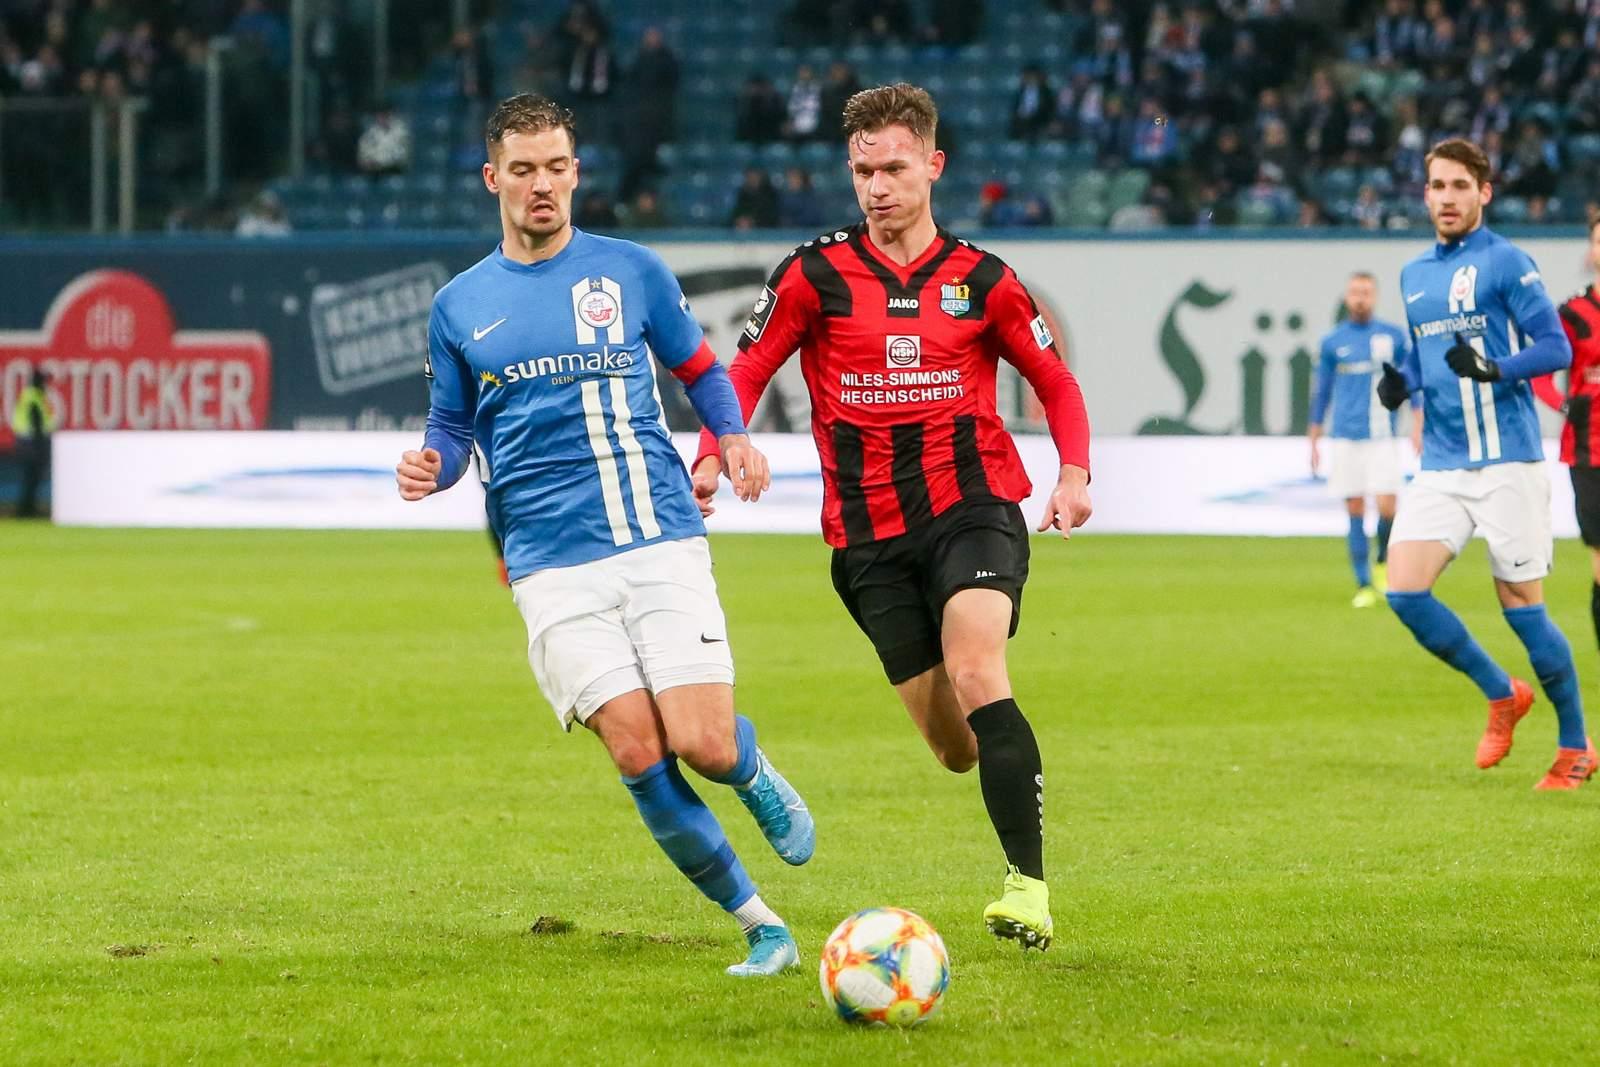 Erik Tallig vom Chemnitzer FC gegen Julian Riedel von Hansa Rostock